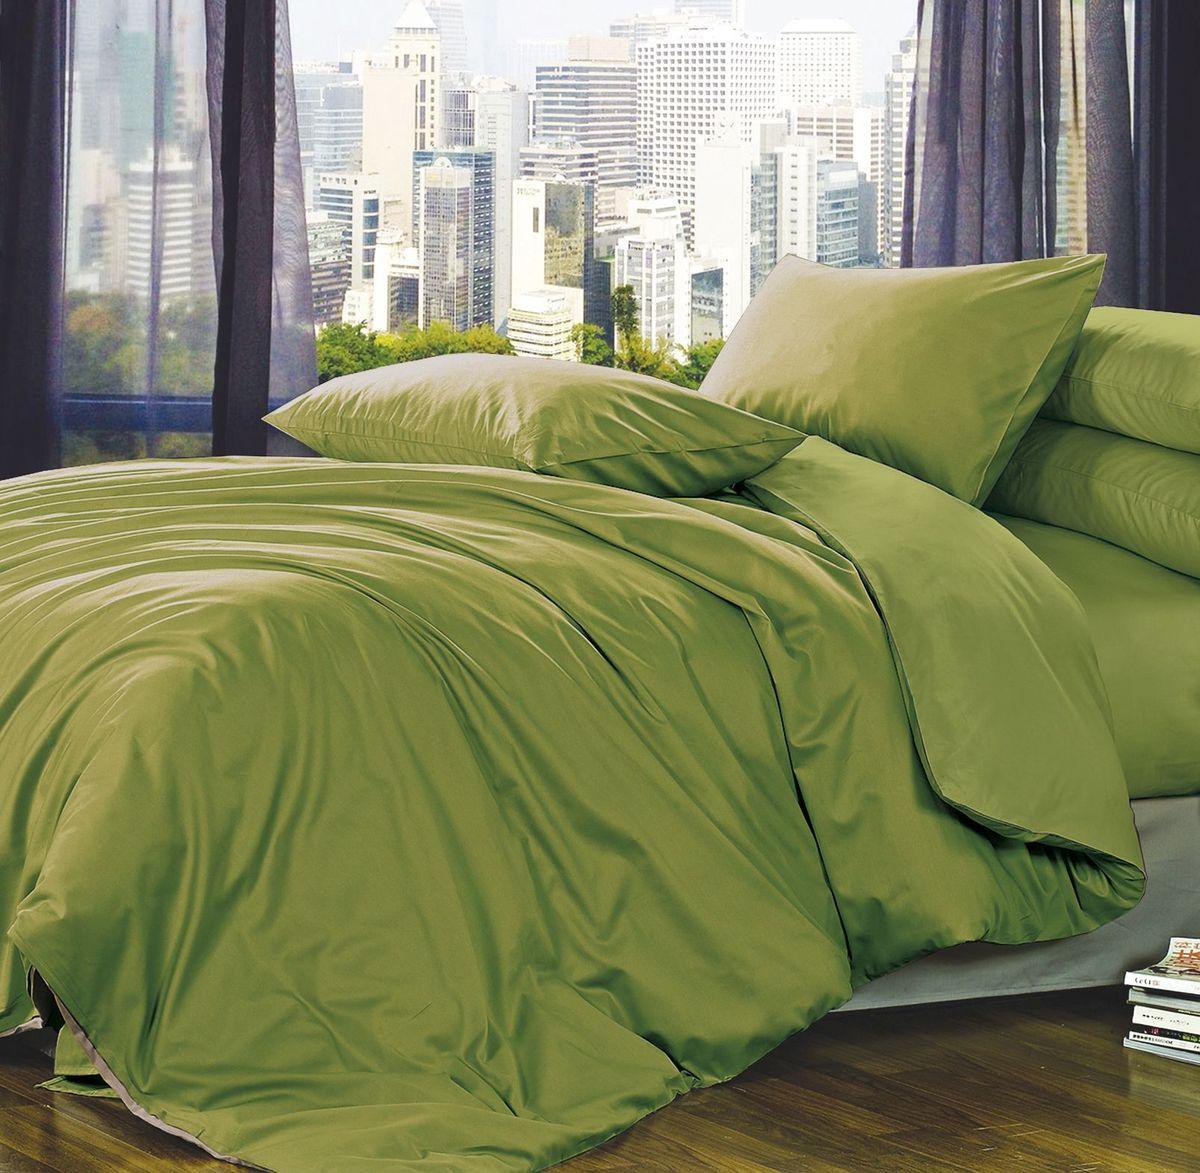 Комплект белья Коллекция Зеленый, 1,5-спальный, наволочки 50x70. ПС1.5/50/ОЗ/зелПС1.5/50/ОЗ/зел